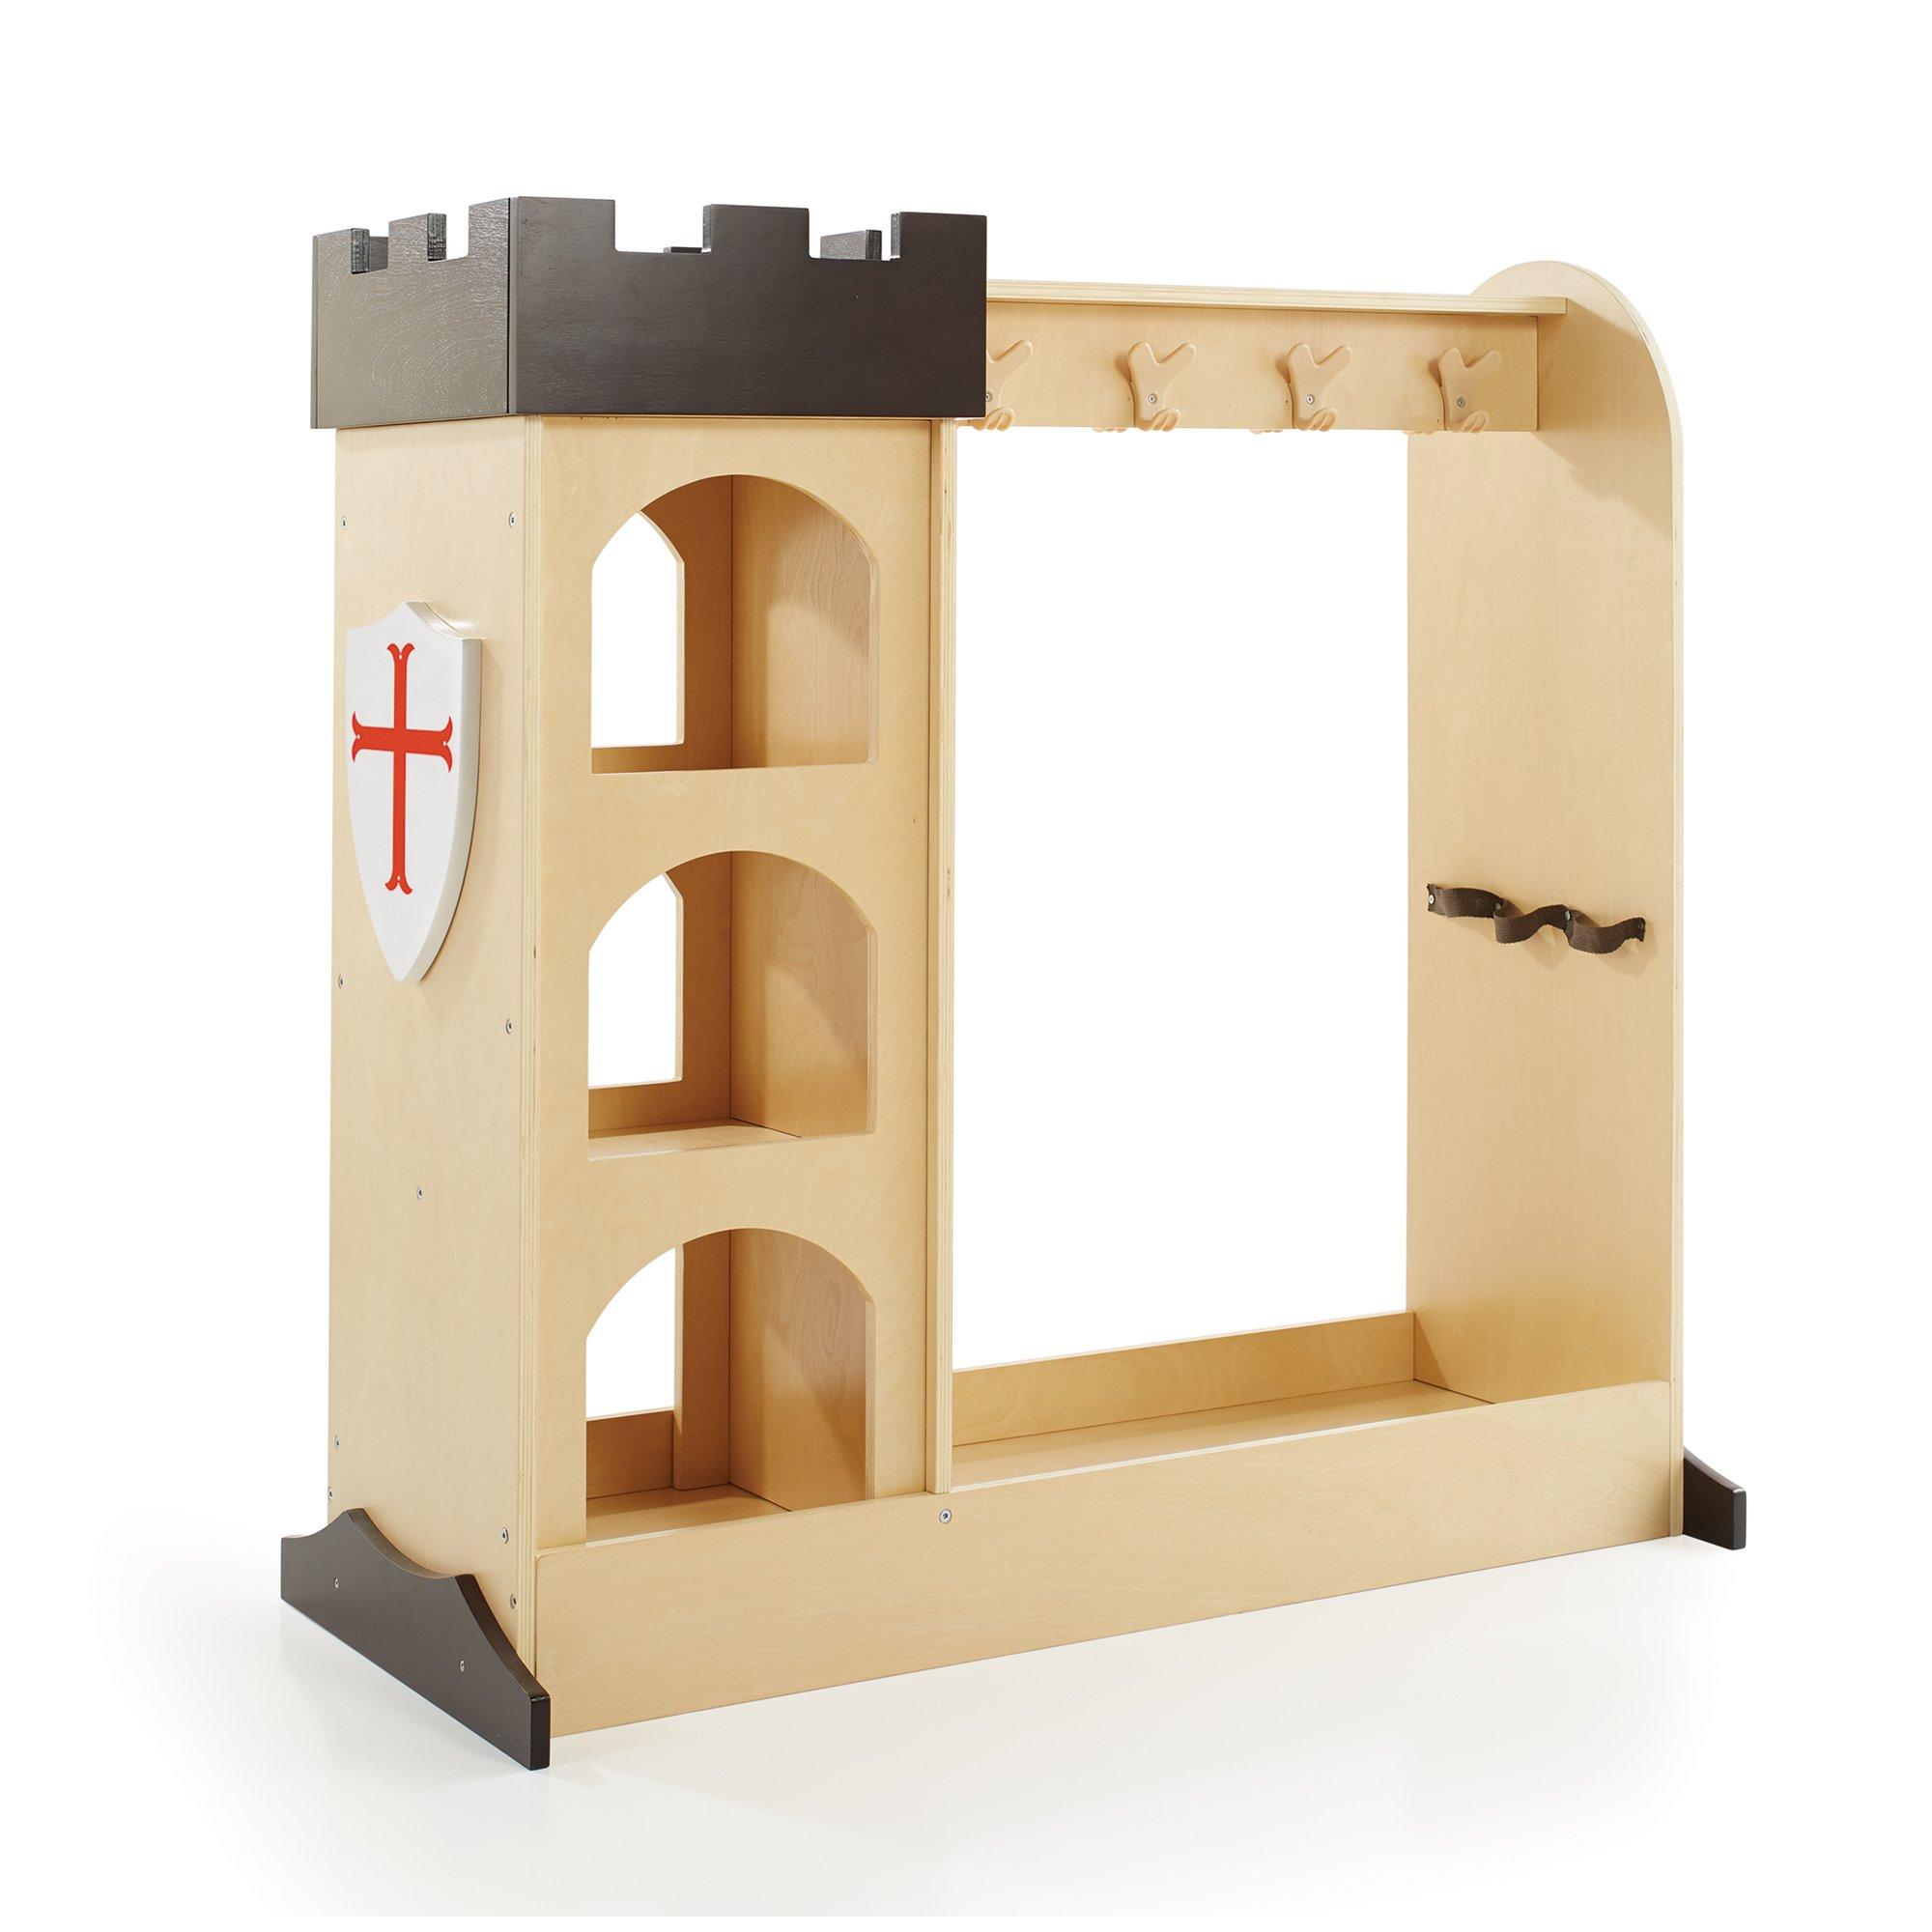 Guidecraft Children's Castle Dramatic Play Storage Center - Armoire, Dresser Kids' Furniture